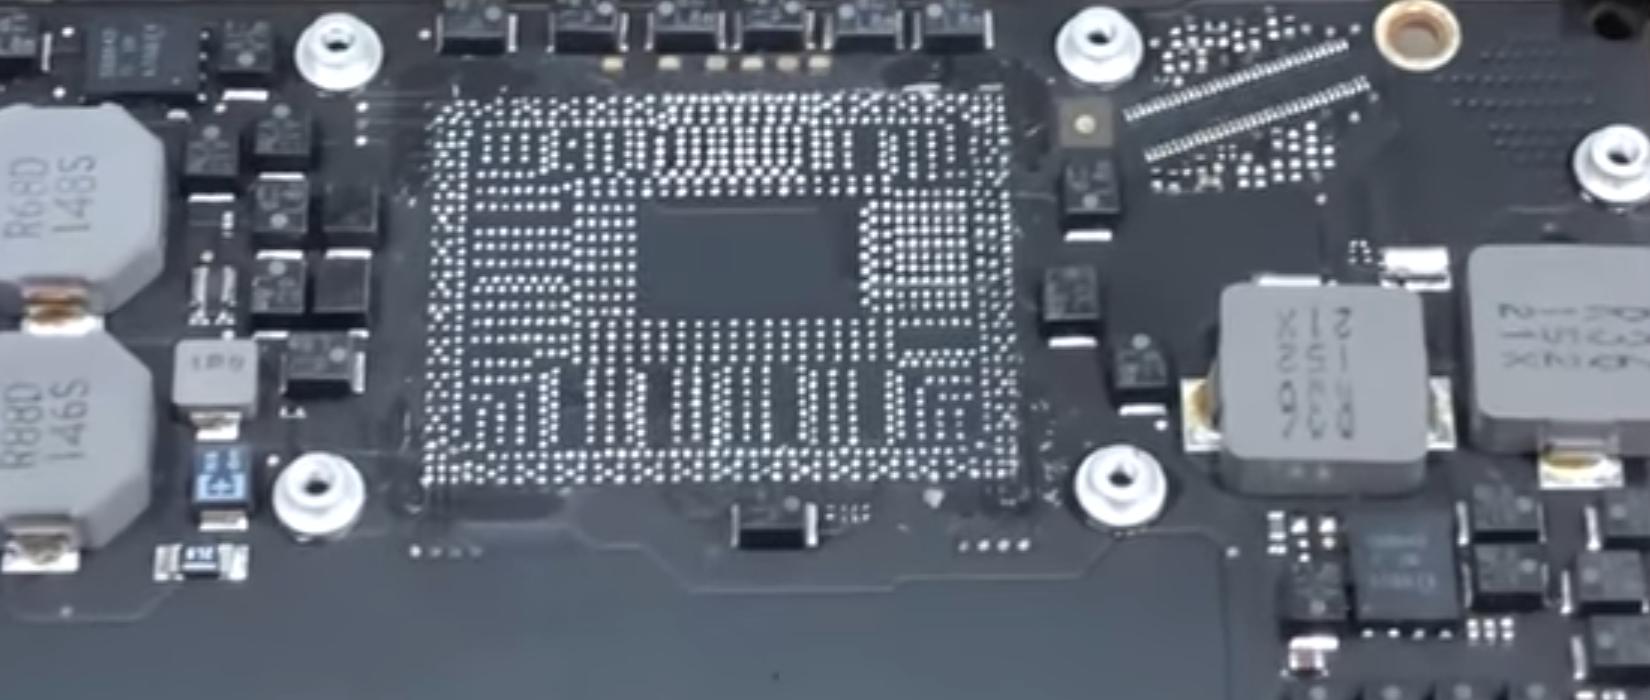 reballing CPU MACBOOK AIR